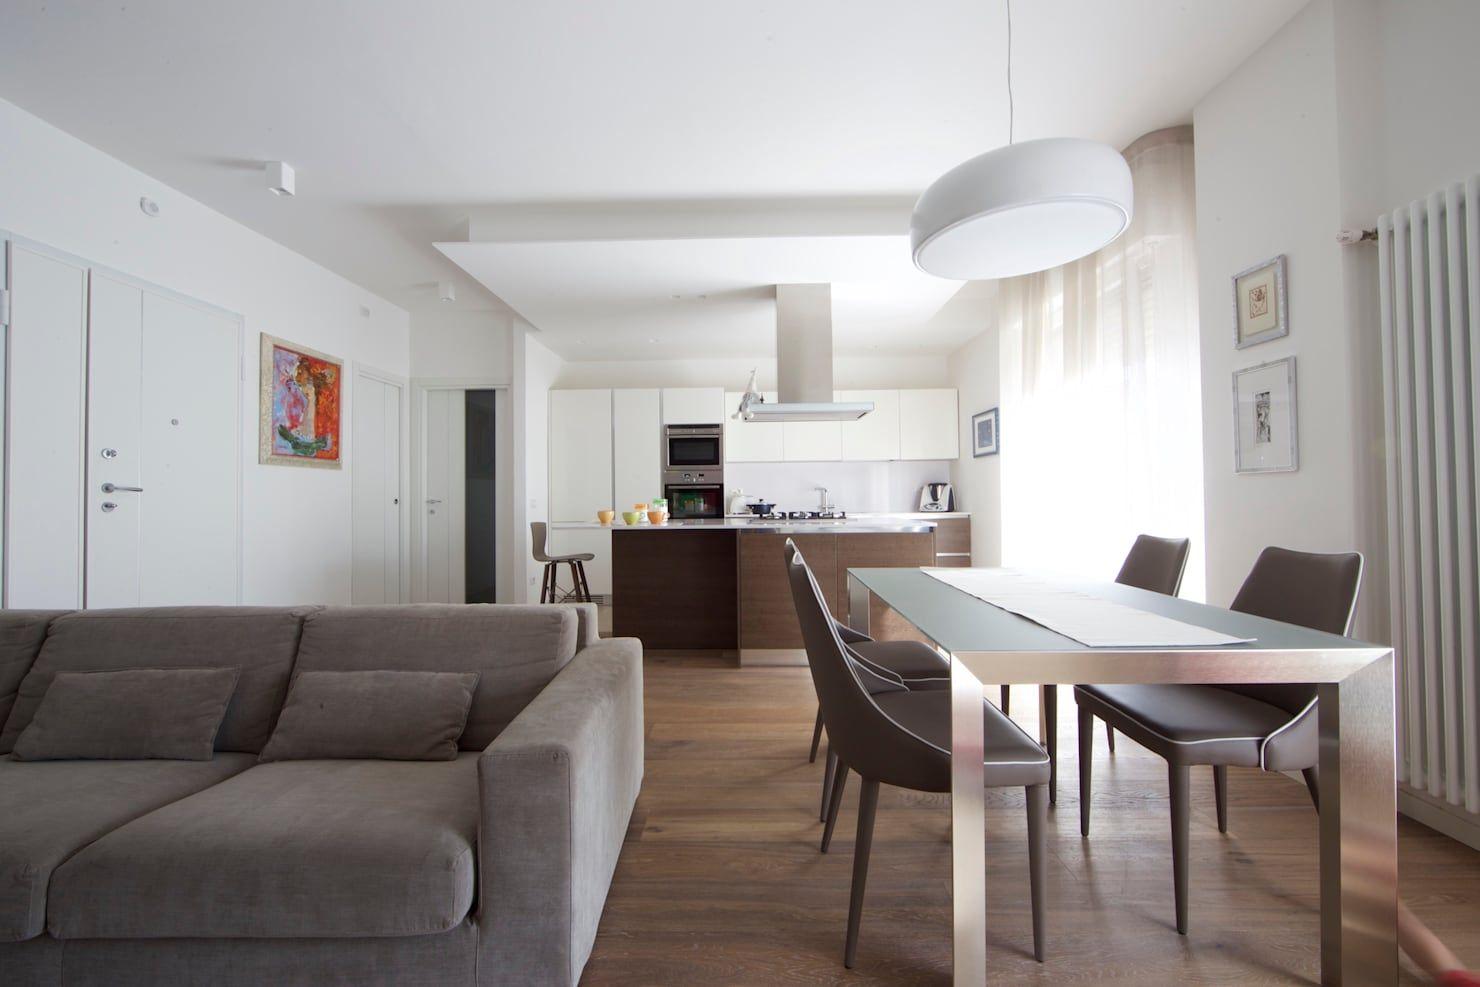 Come Dividere Sala E Cucina 37 idee su come dividere sala da pranzo, soggiorno e cucina